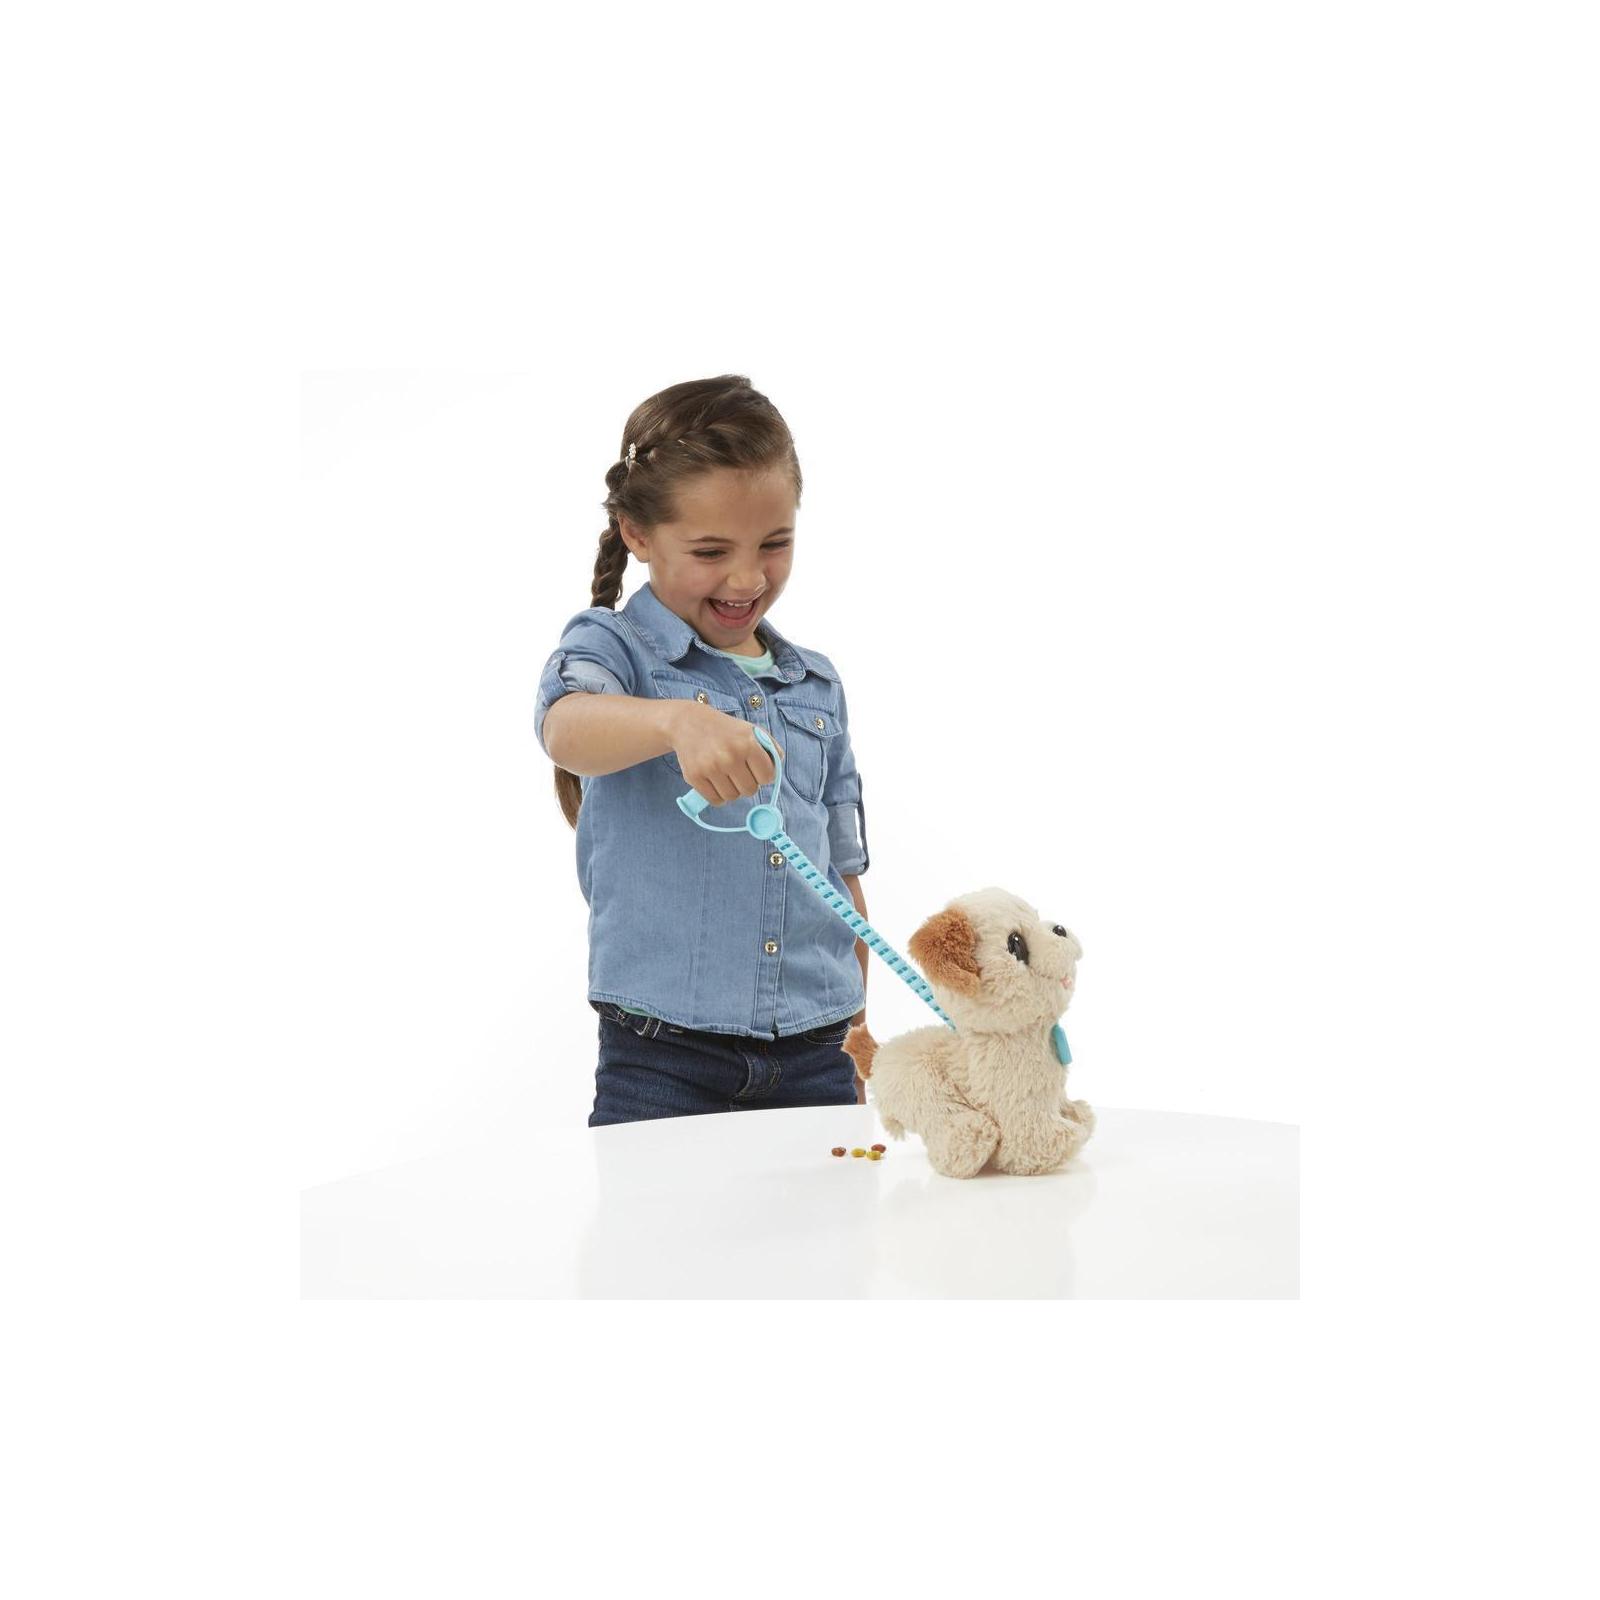 Интерактивная игрушка Hasbro Furreal Friends Весёлый щенок Пакс (обновленный) (C2178) изображение 5